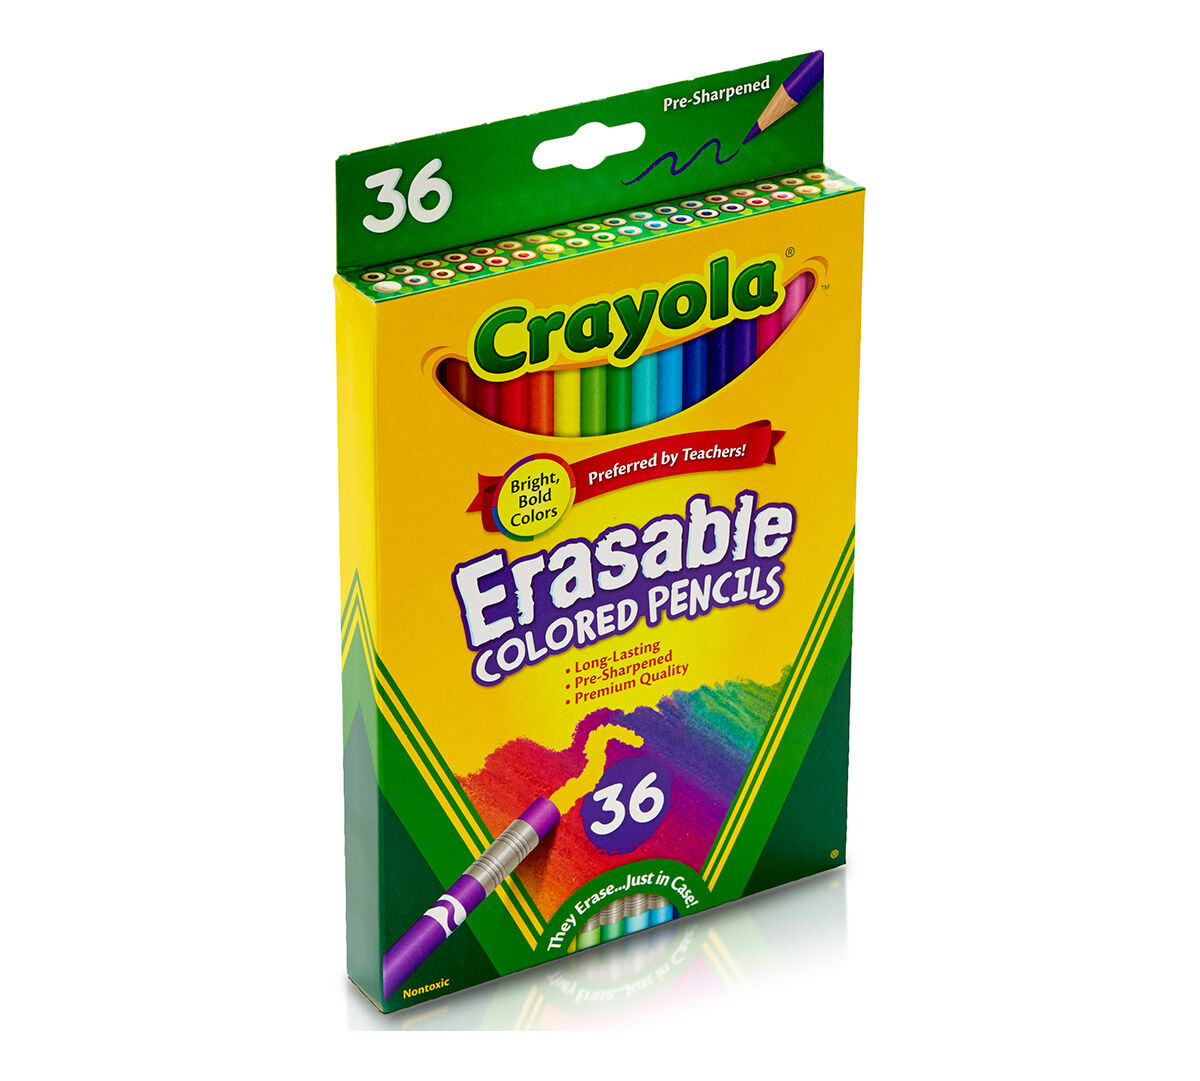 36ct Erasable Colored Pencils Crayola